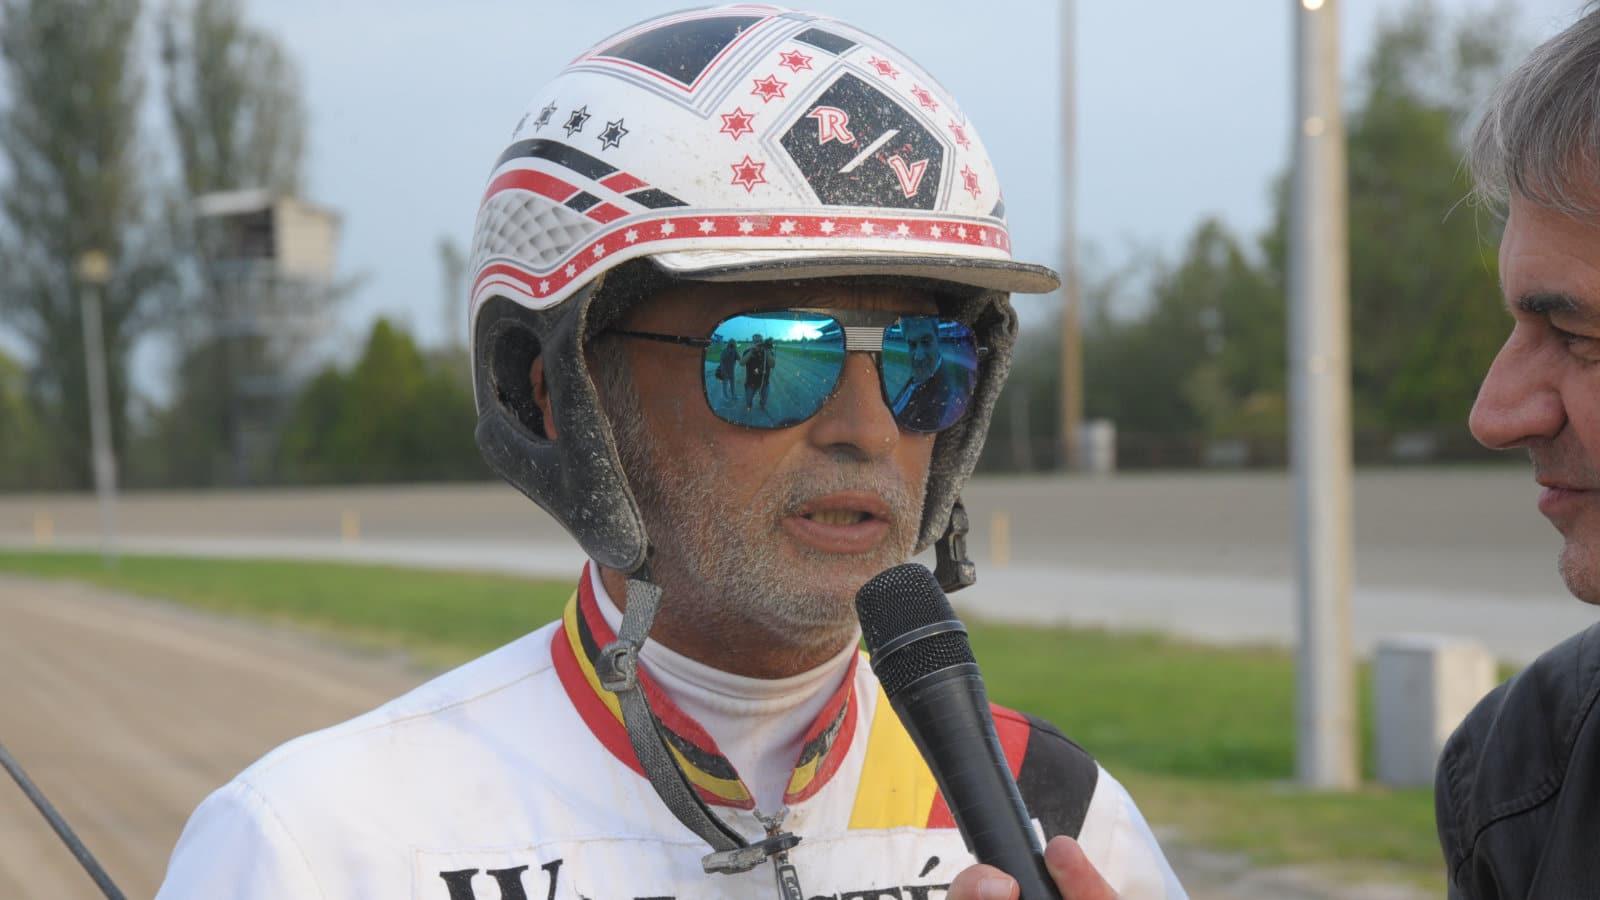 2019-09-27-corsa-7-03